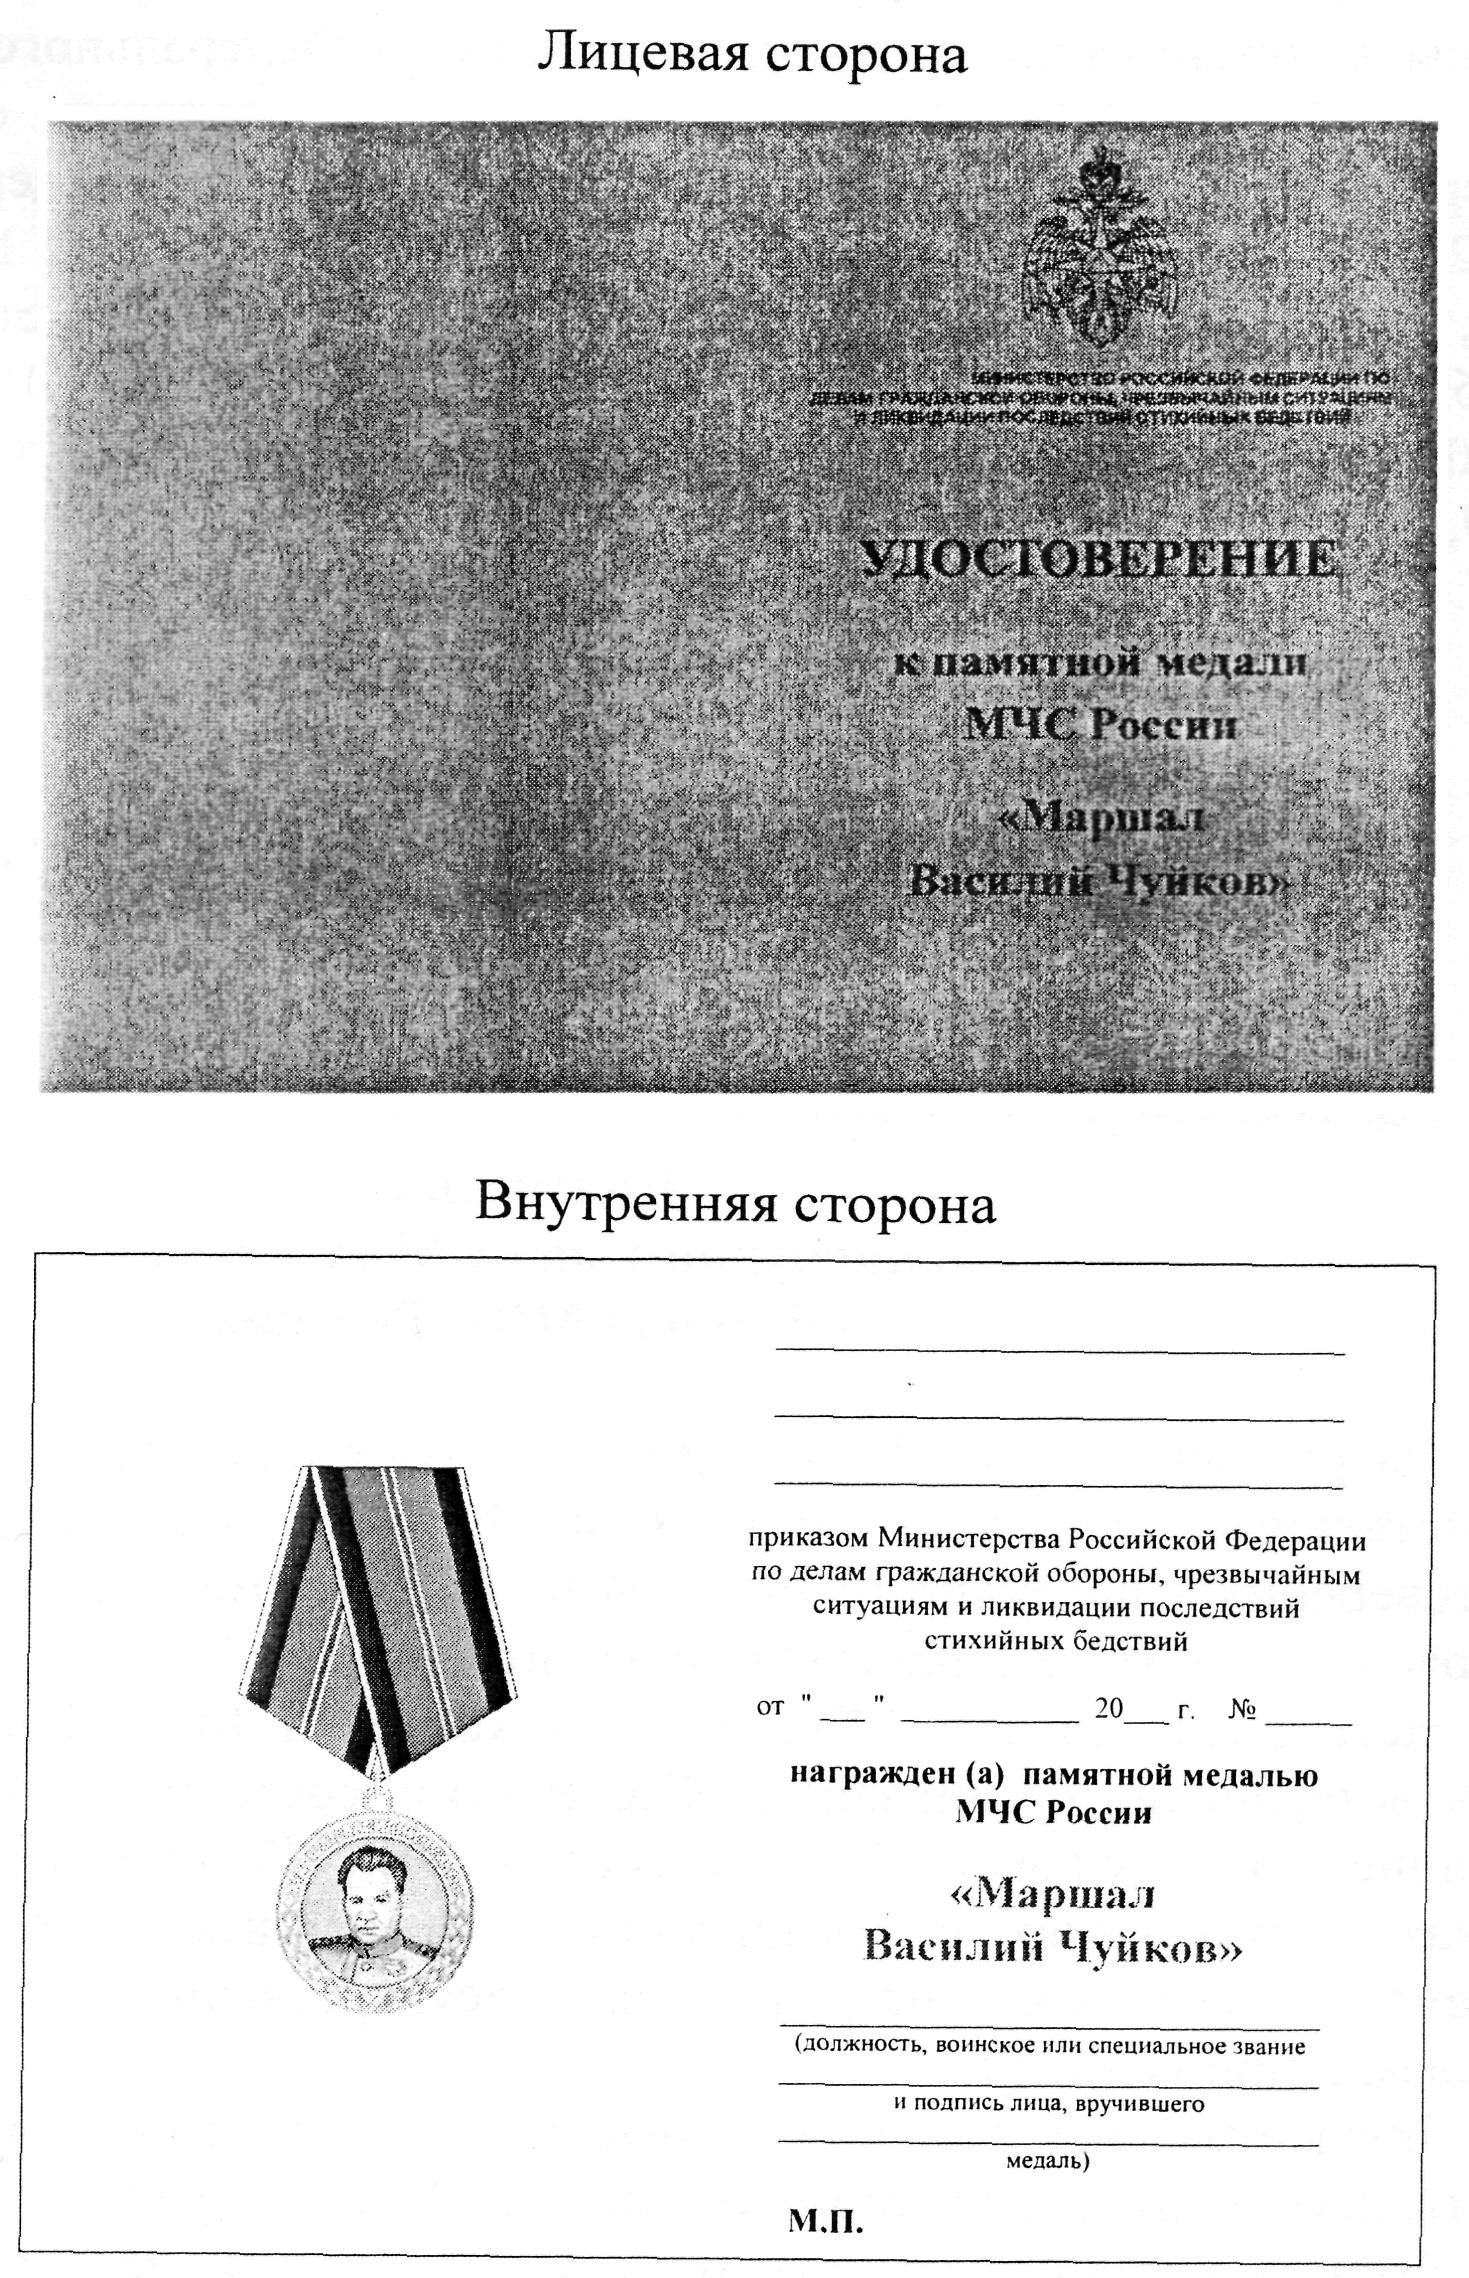 ПРИЛОЖЕНИЕ N 3 К ПРИКАЗУ МЧС РОССИИ ОТ 28.06.2012 N 372